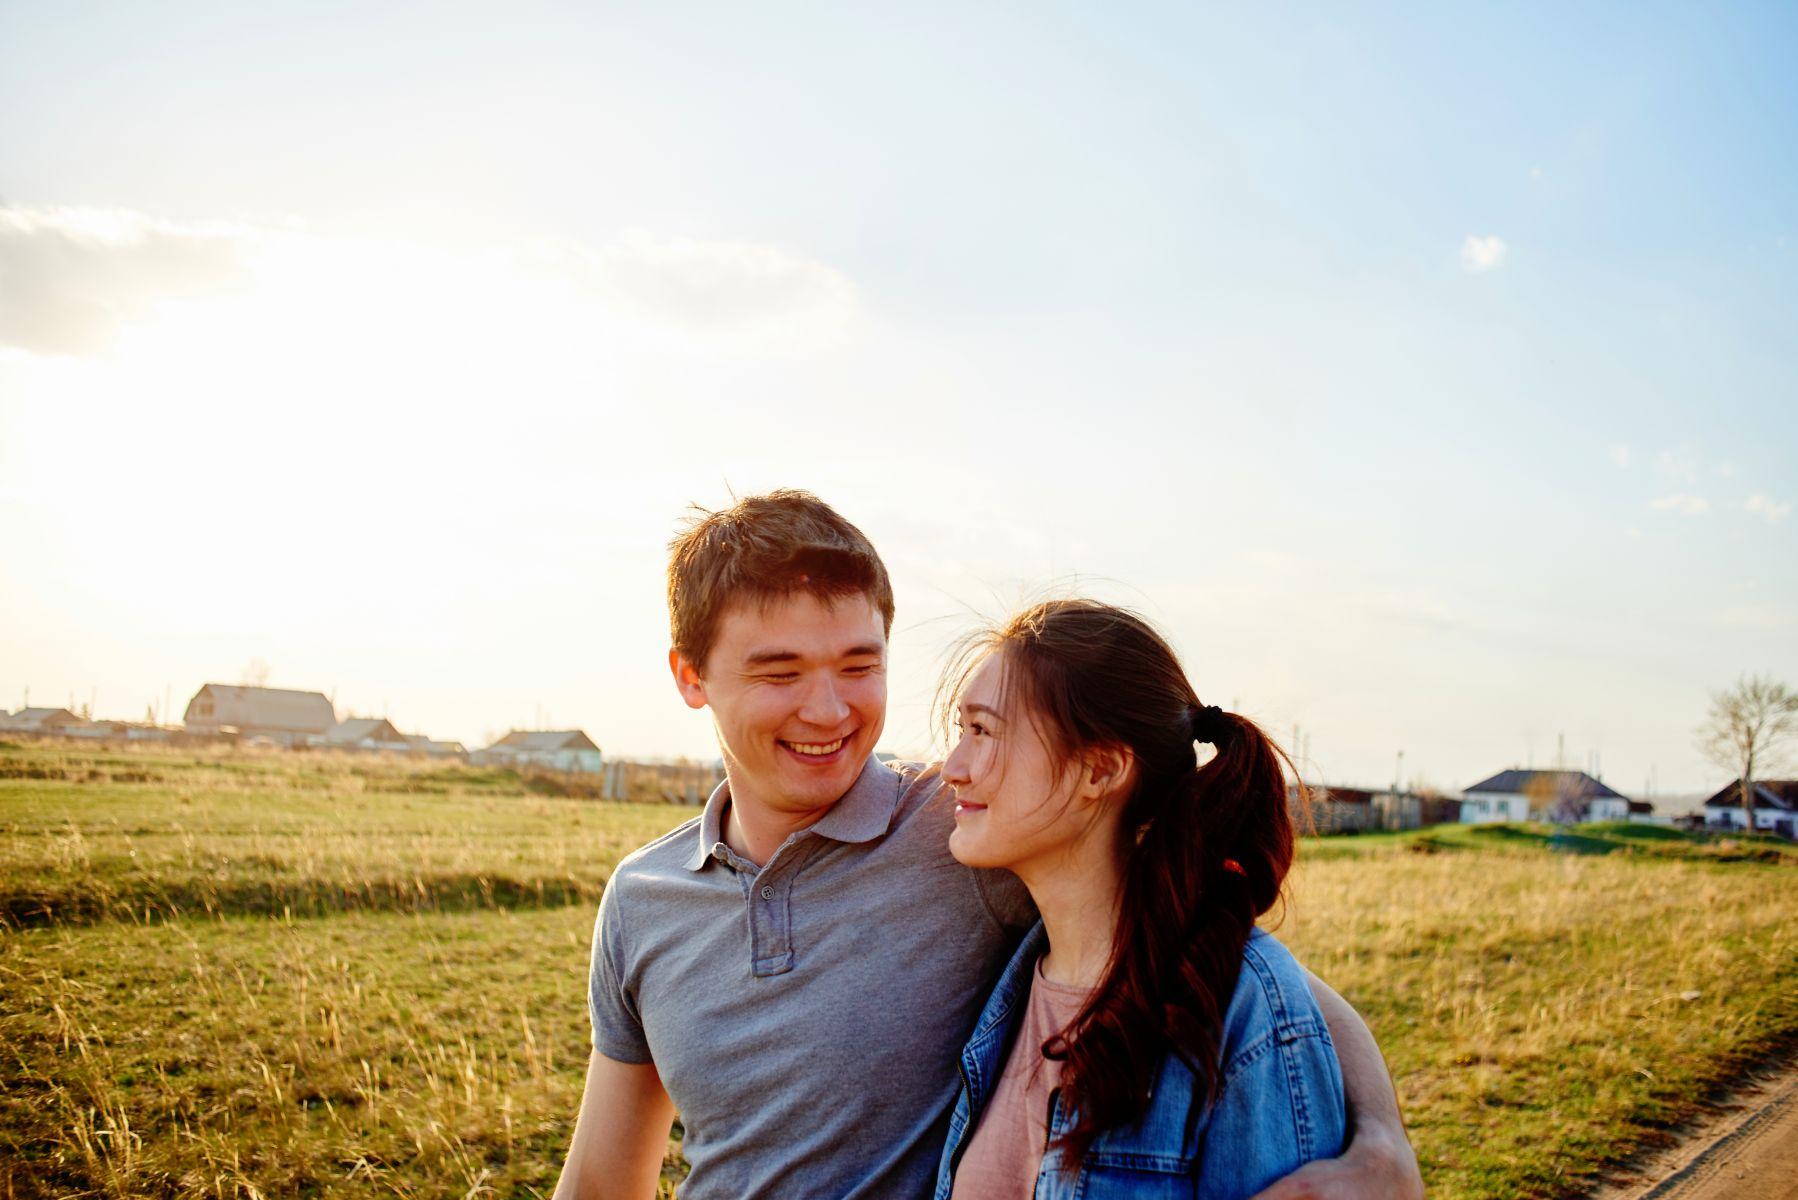 你跟著他,快樂嗎?要讓伴侶幸福,先讓自己快樂...5個指標,給中年婚姻超快樂!